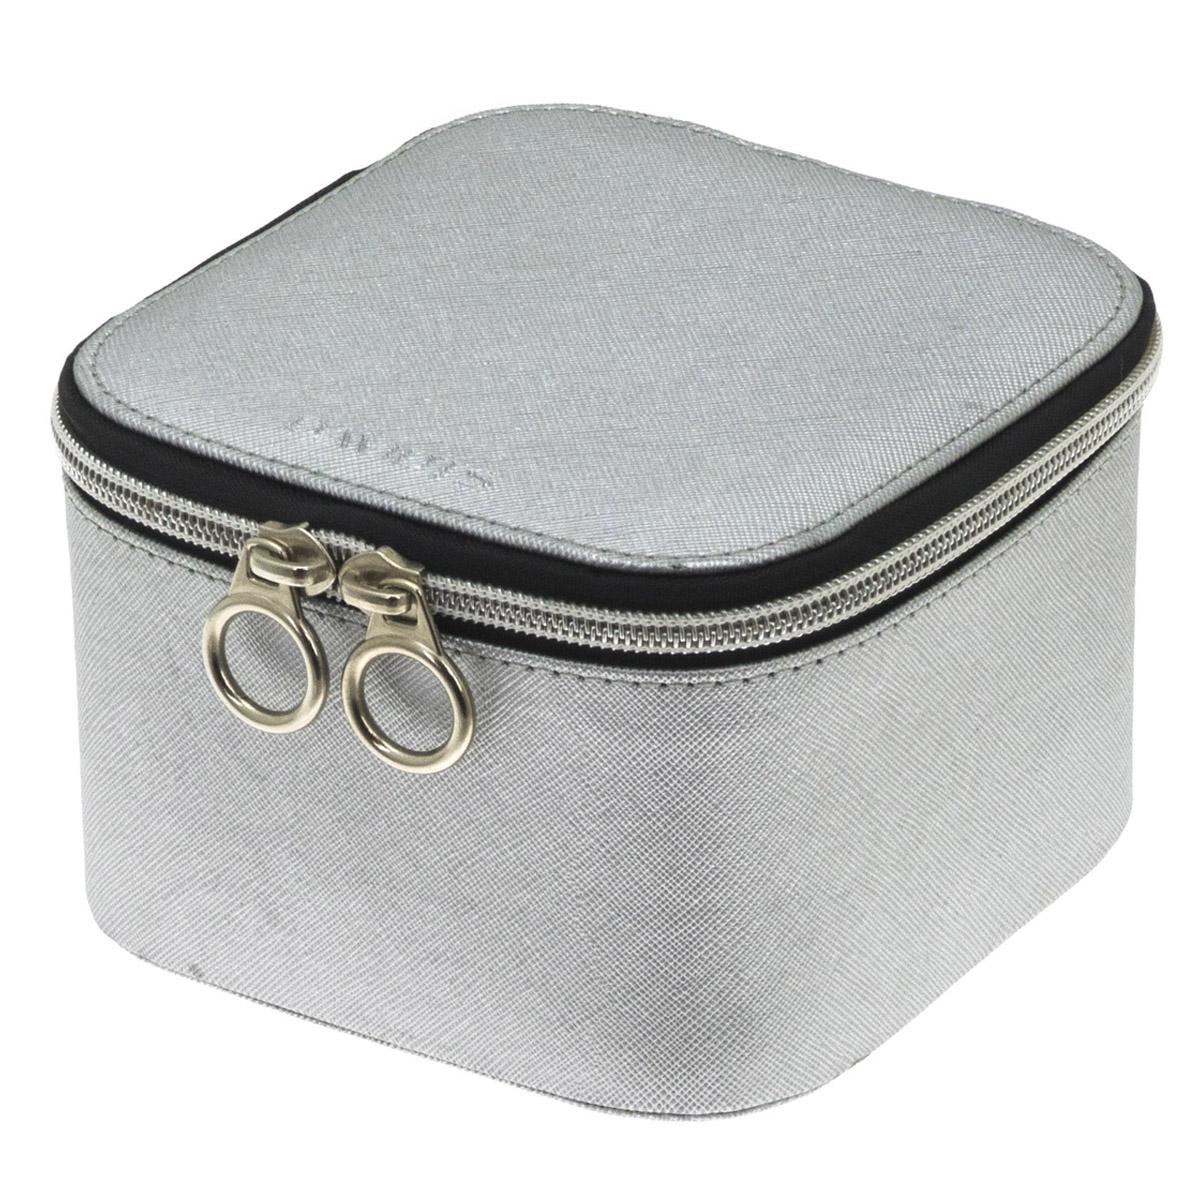 Coffret à bijoux zippé \'Zip\'n go\' gris argenté - 14x14x95 cm - [Q9923]